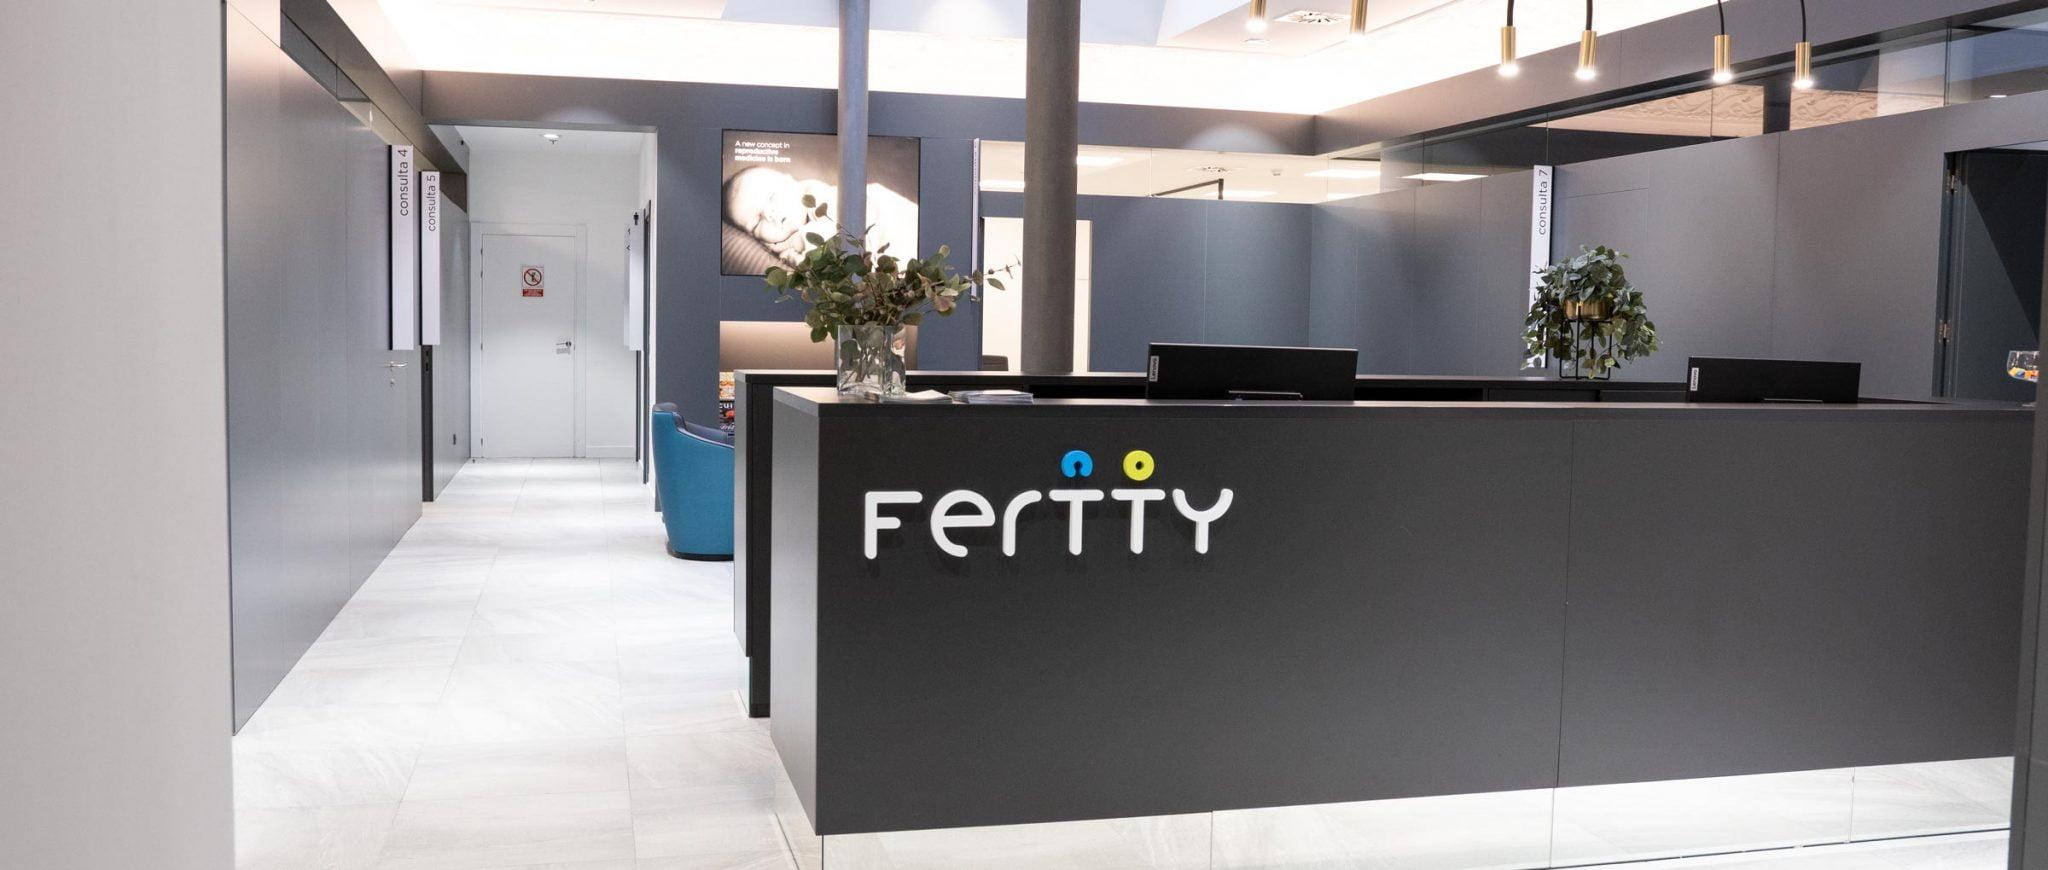 Deuxième réception de Fertty